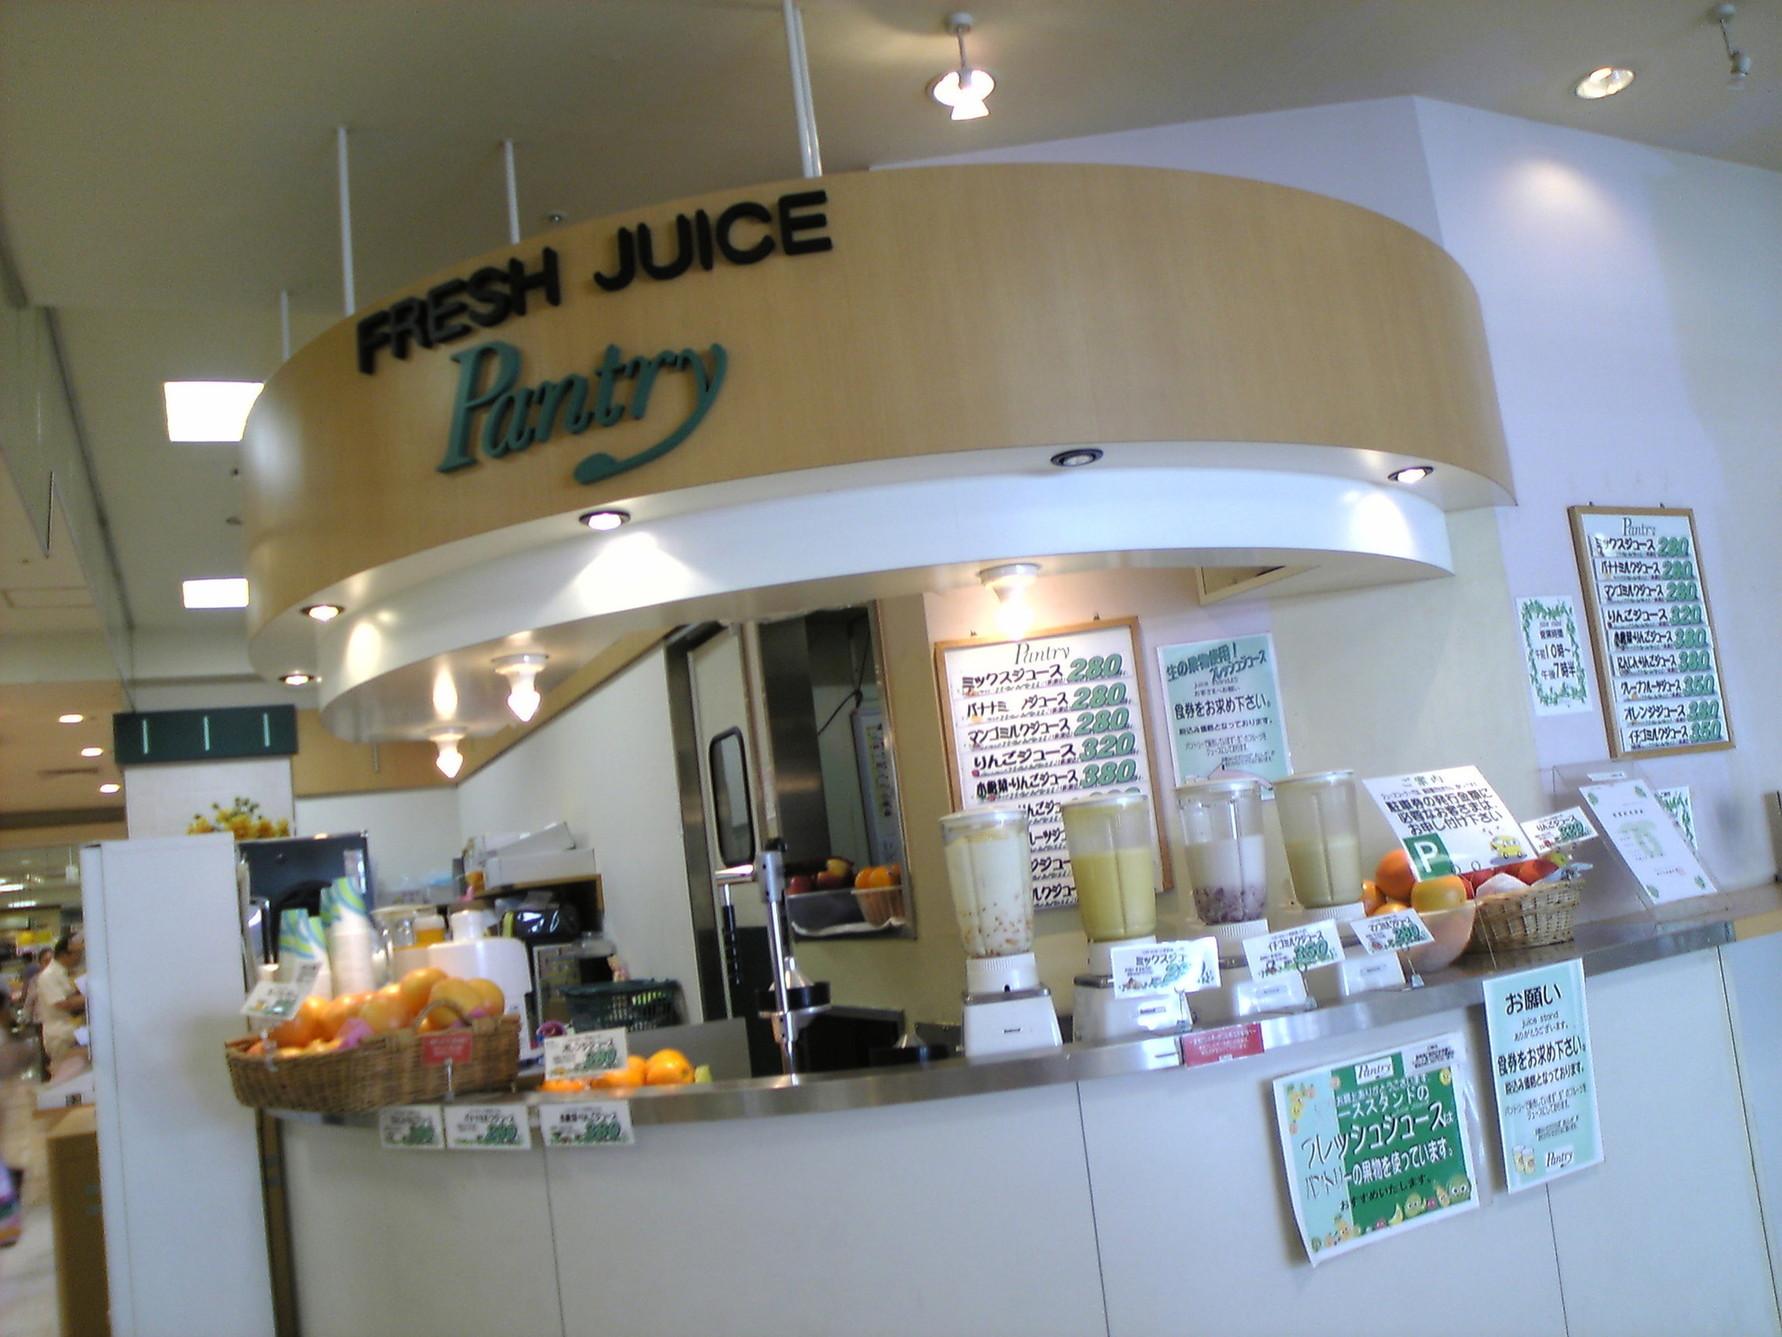 フレッシュジュースパントリー 西神中央店